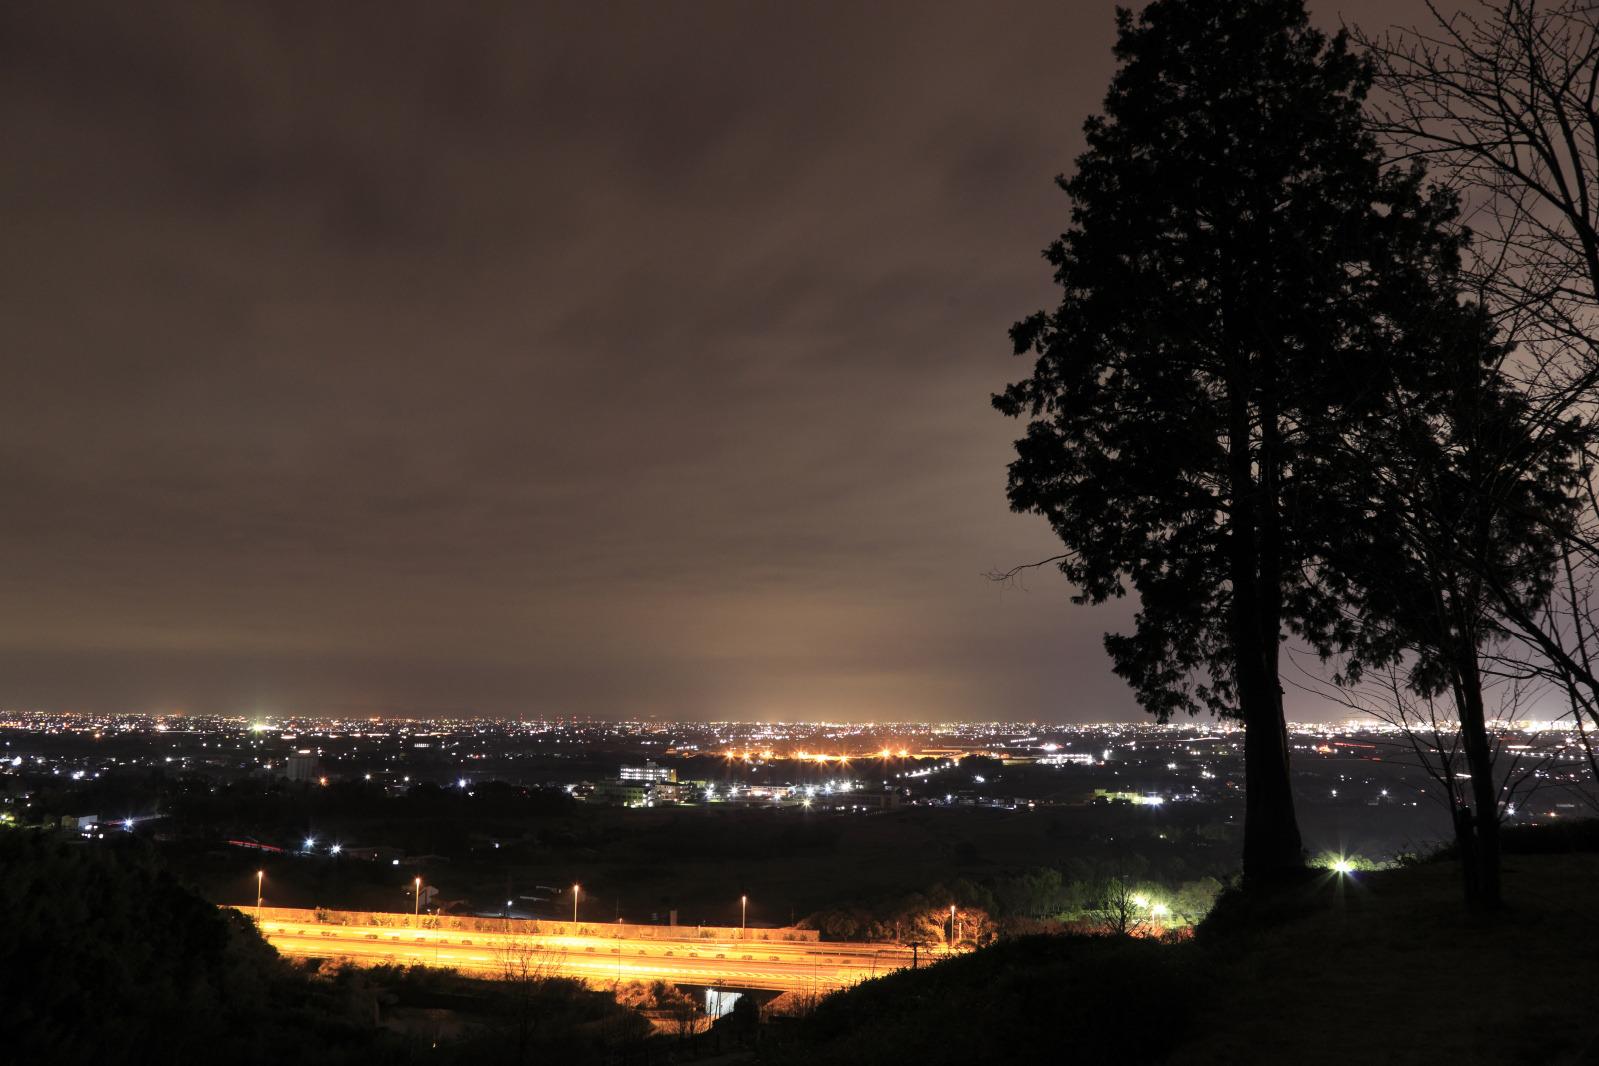 静かに夜景を見ることができる